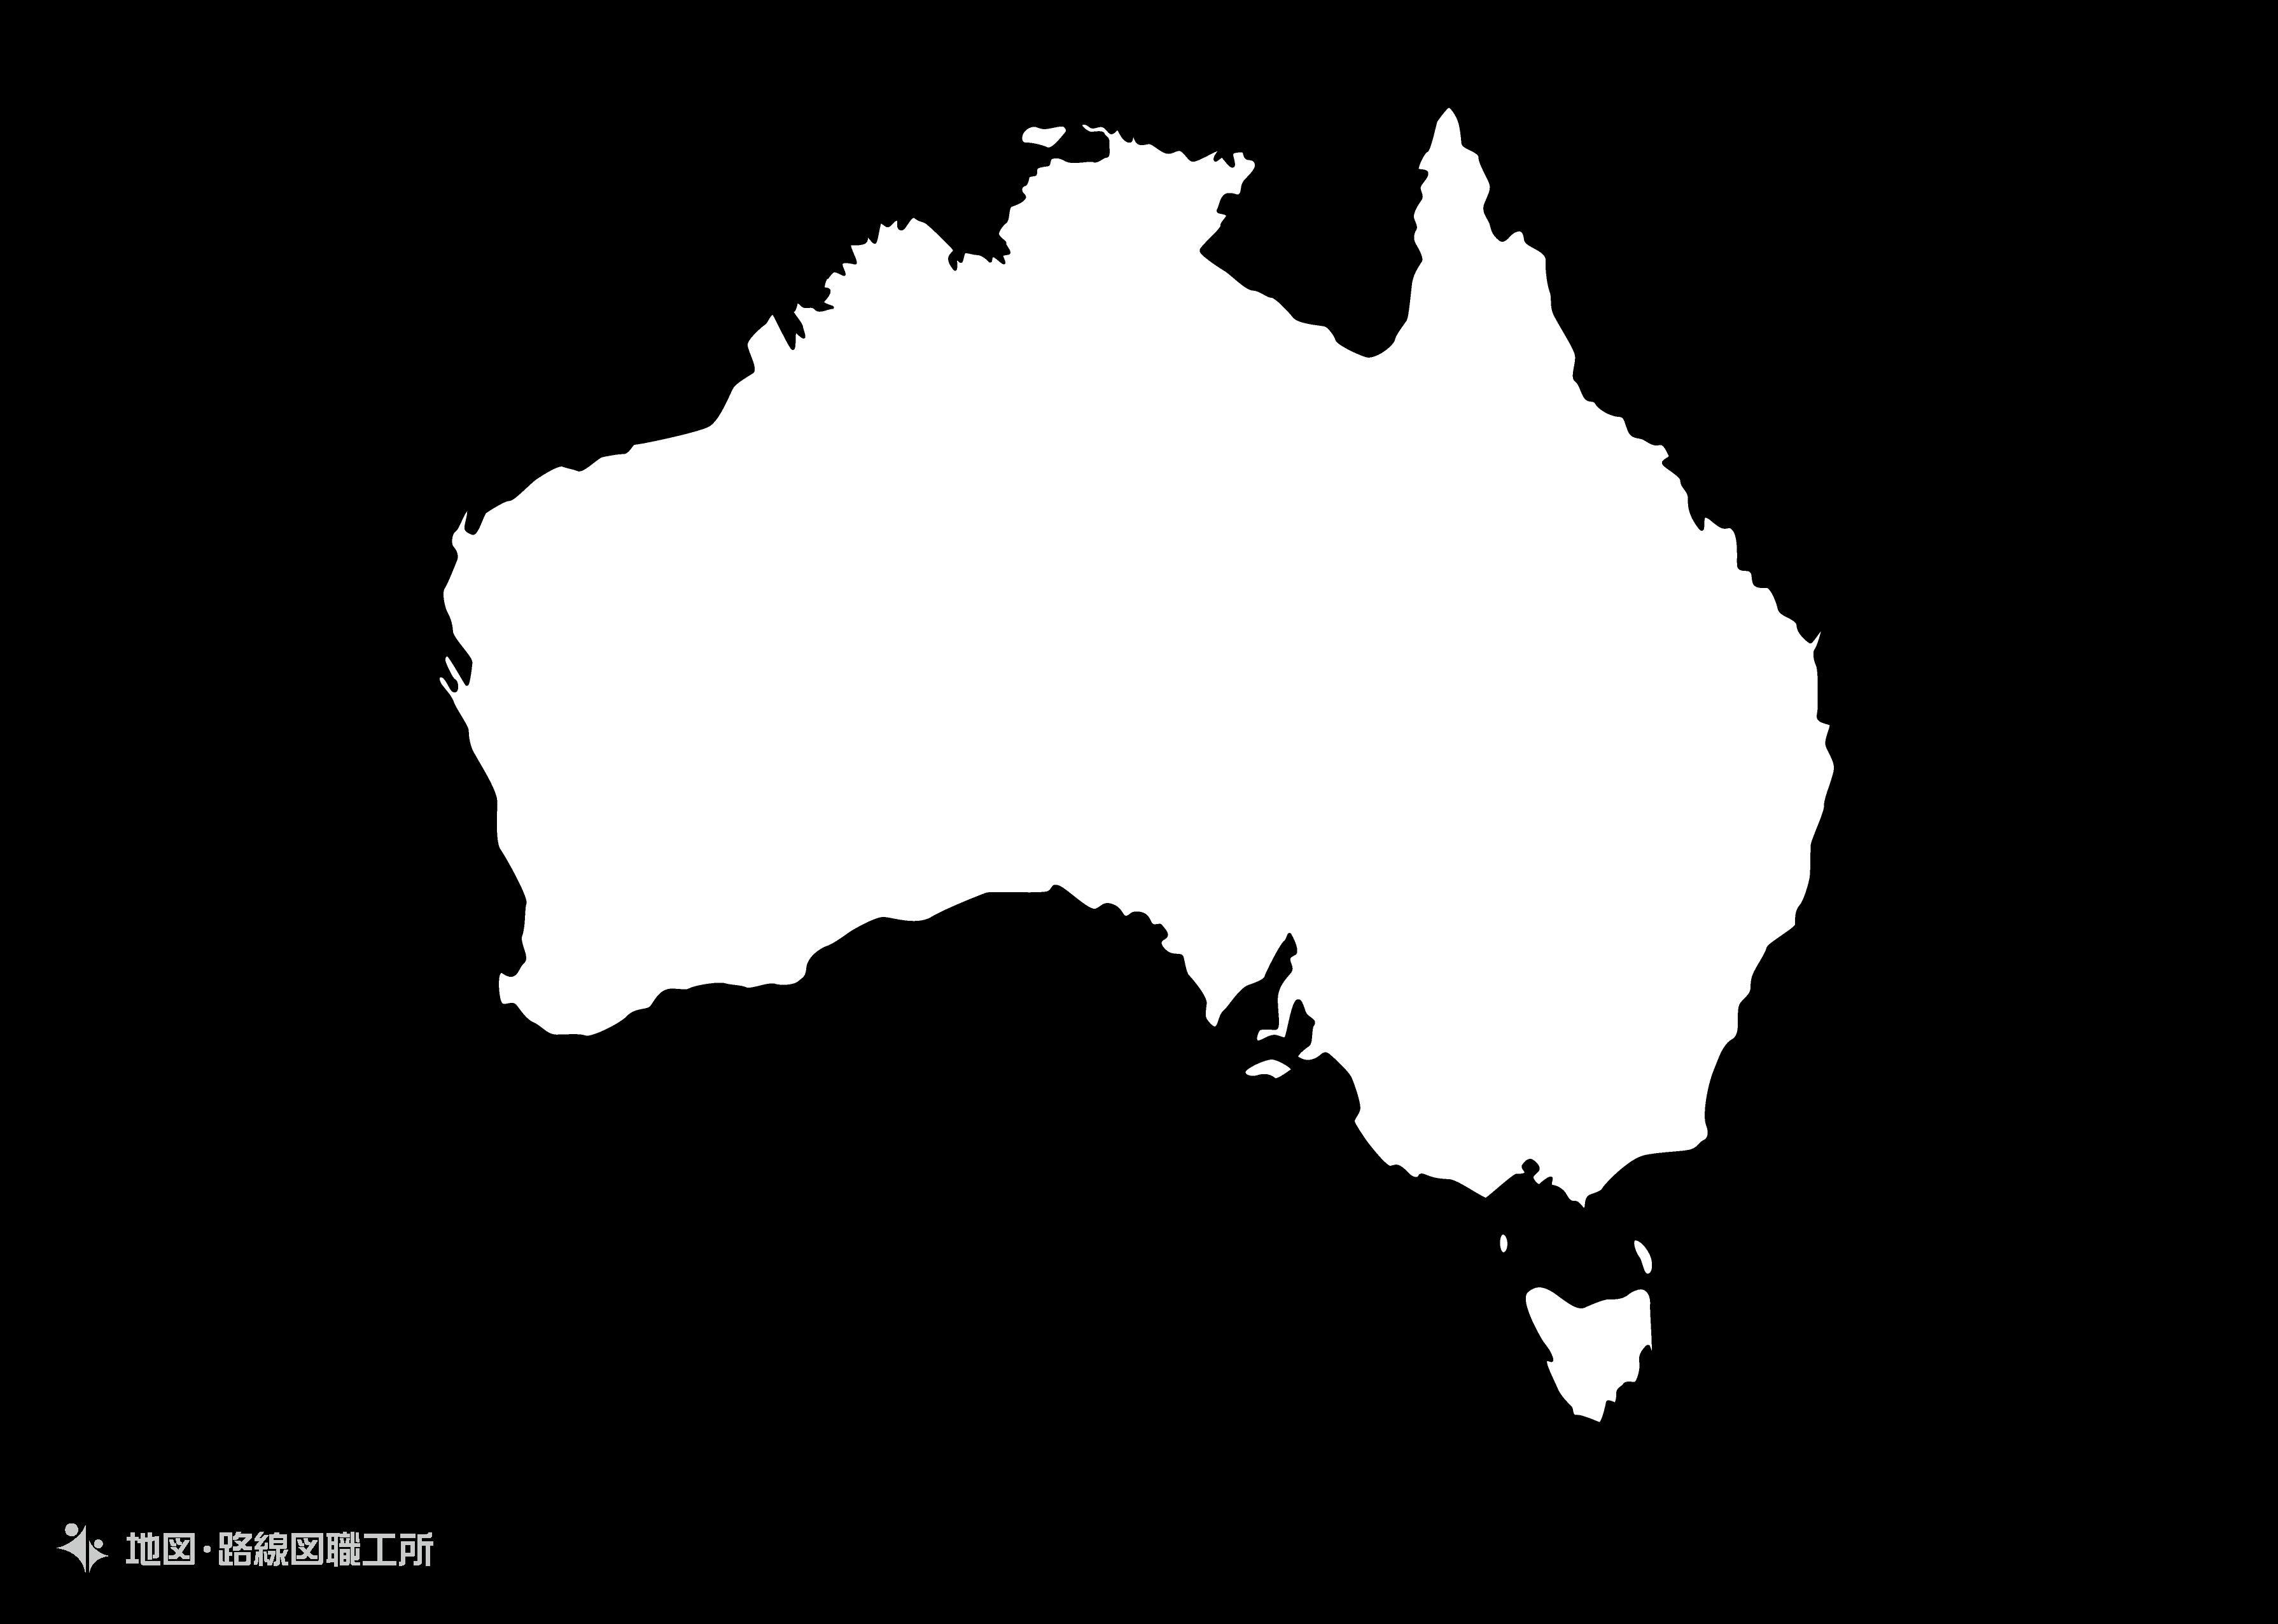 世界の白地図 オーストラリア連邦 commonwealth-of-australiamap